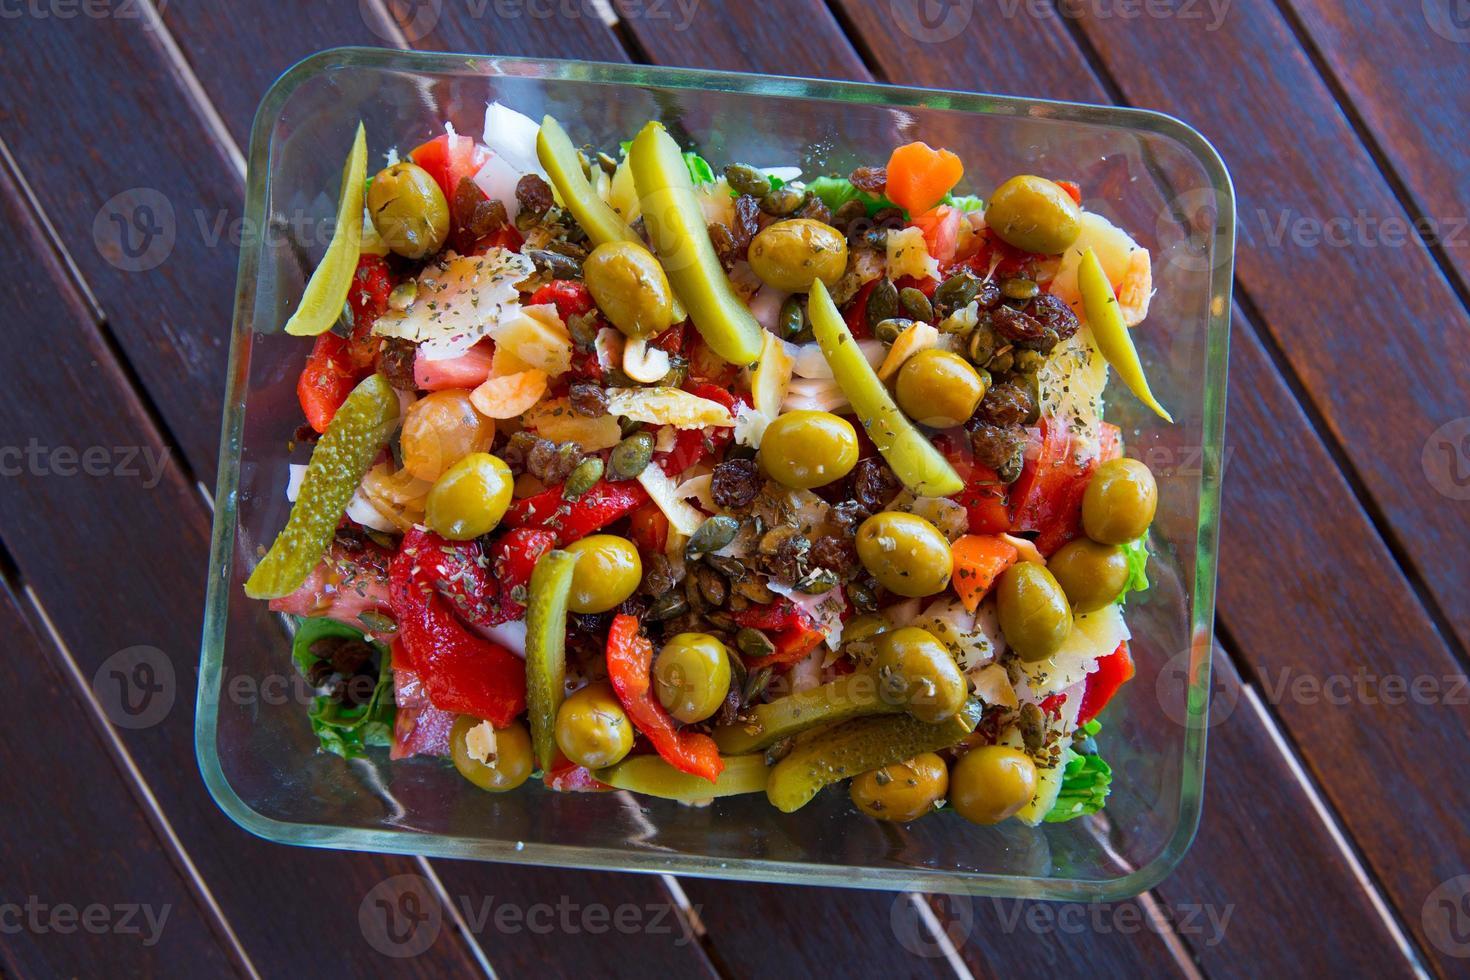 salade méditerranéenne aux olives tomates laitue concombre photo